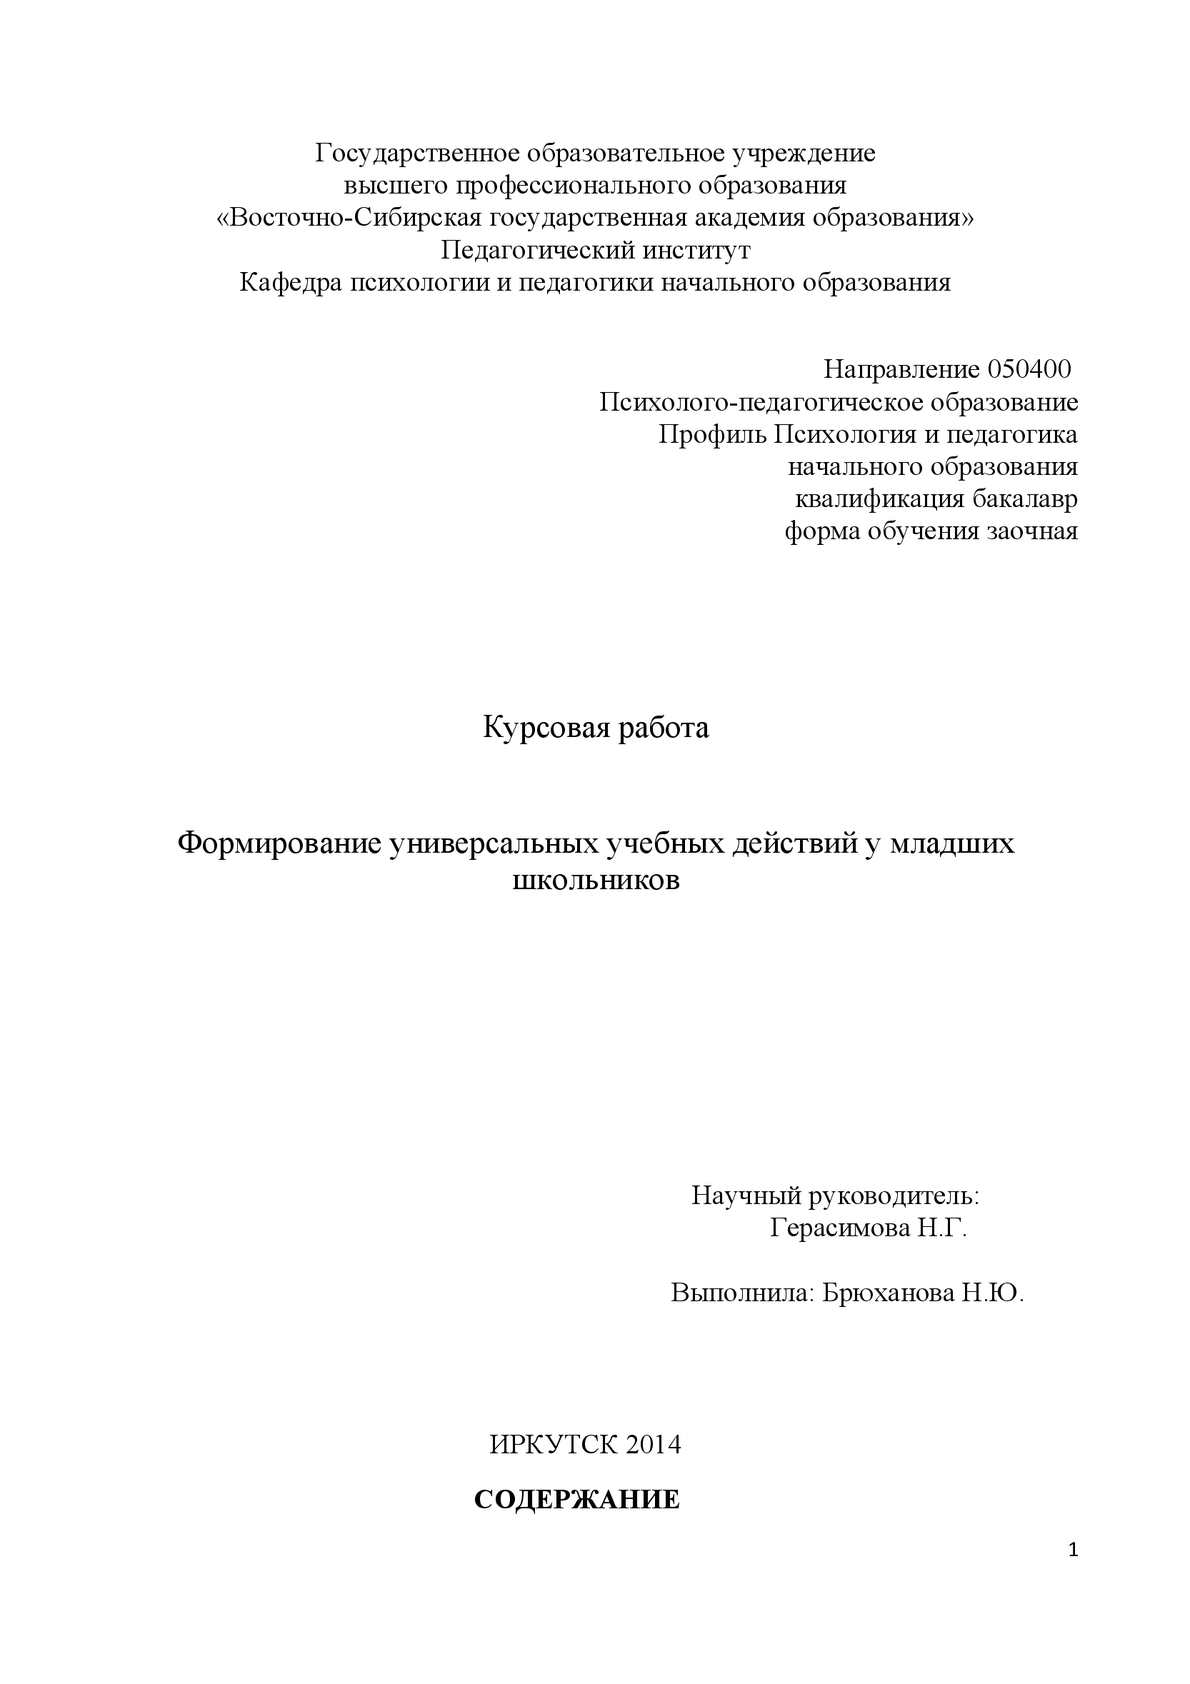 КУРСОВАЯ РАБОТА формирование ууд у мл шк